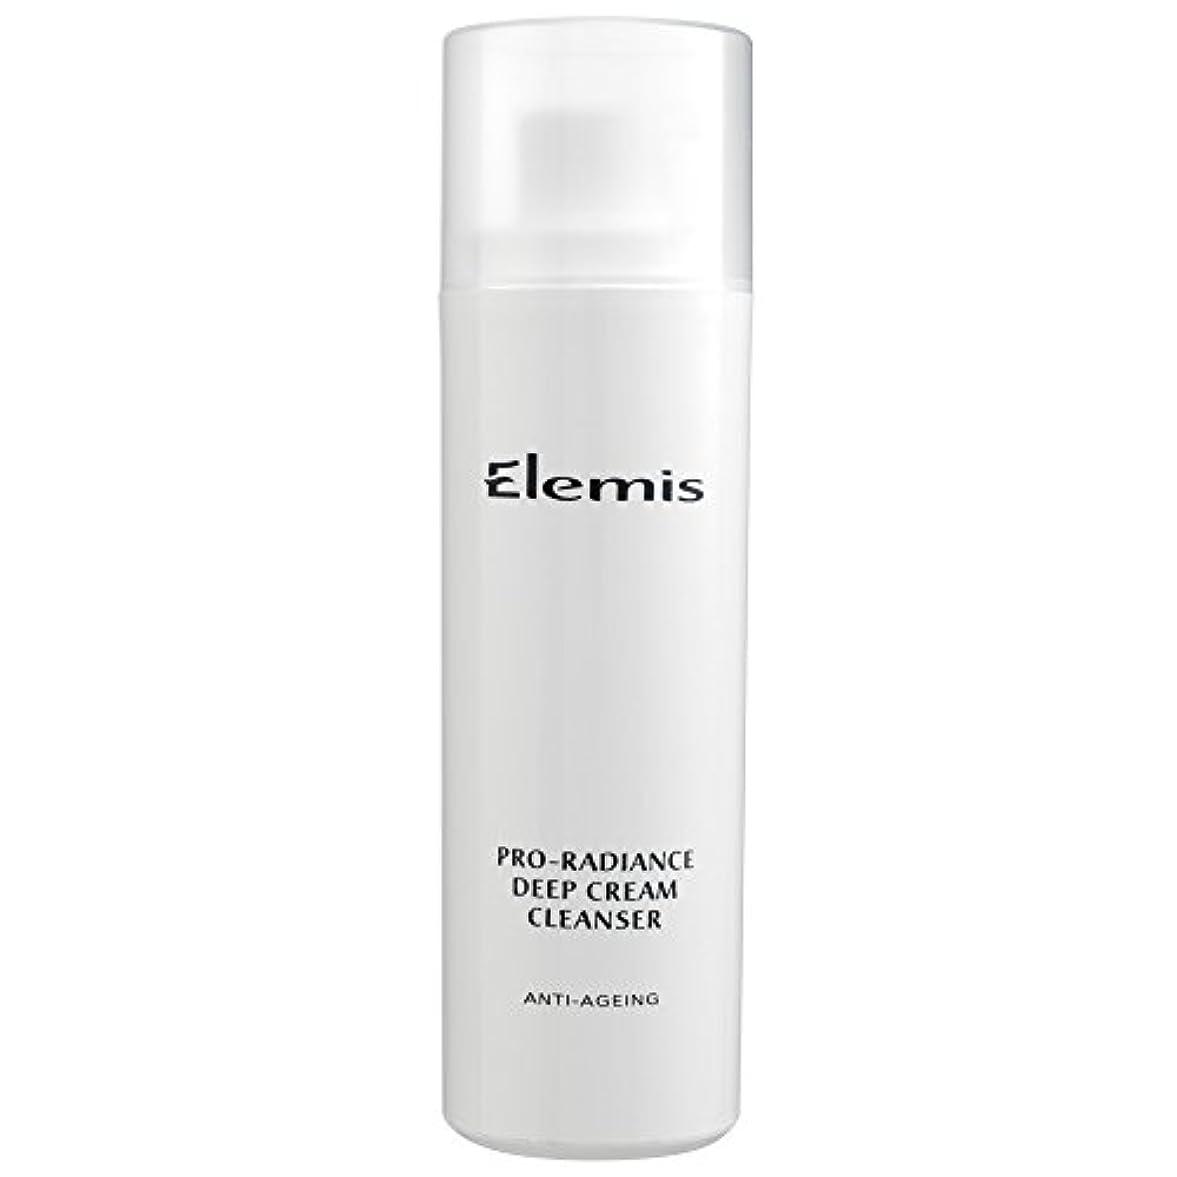 予測ガチョウ密輸エレミスプロ輝きクリームクレンザー、150ミリリットル (Elemis) (x6) - Elemis Pro-Radiance Cream Cleanser, 150ml (Pack of 6) [並行輸入品]